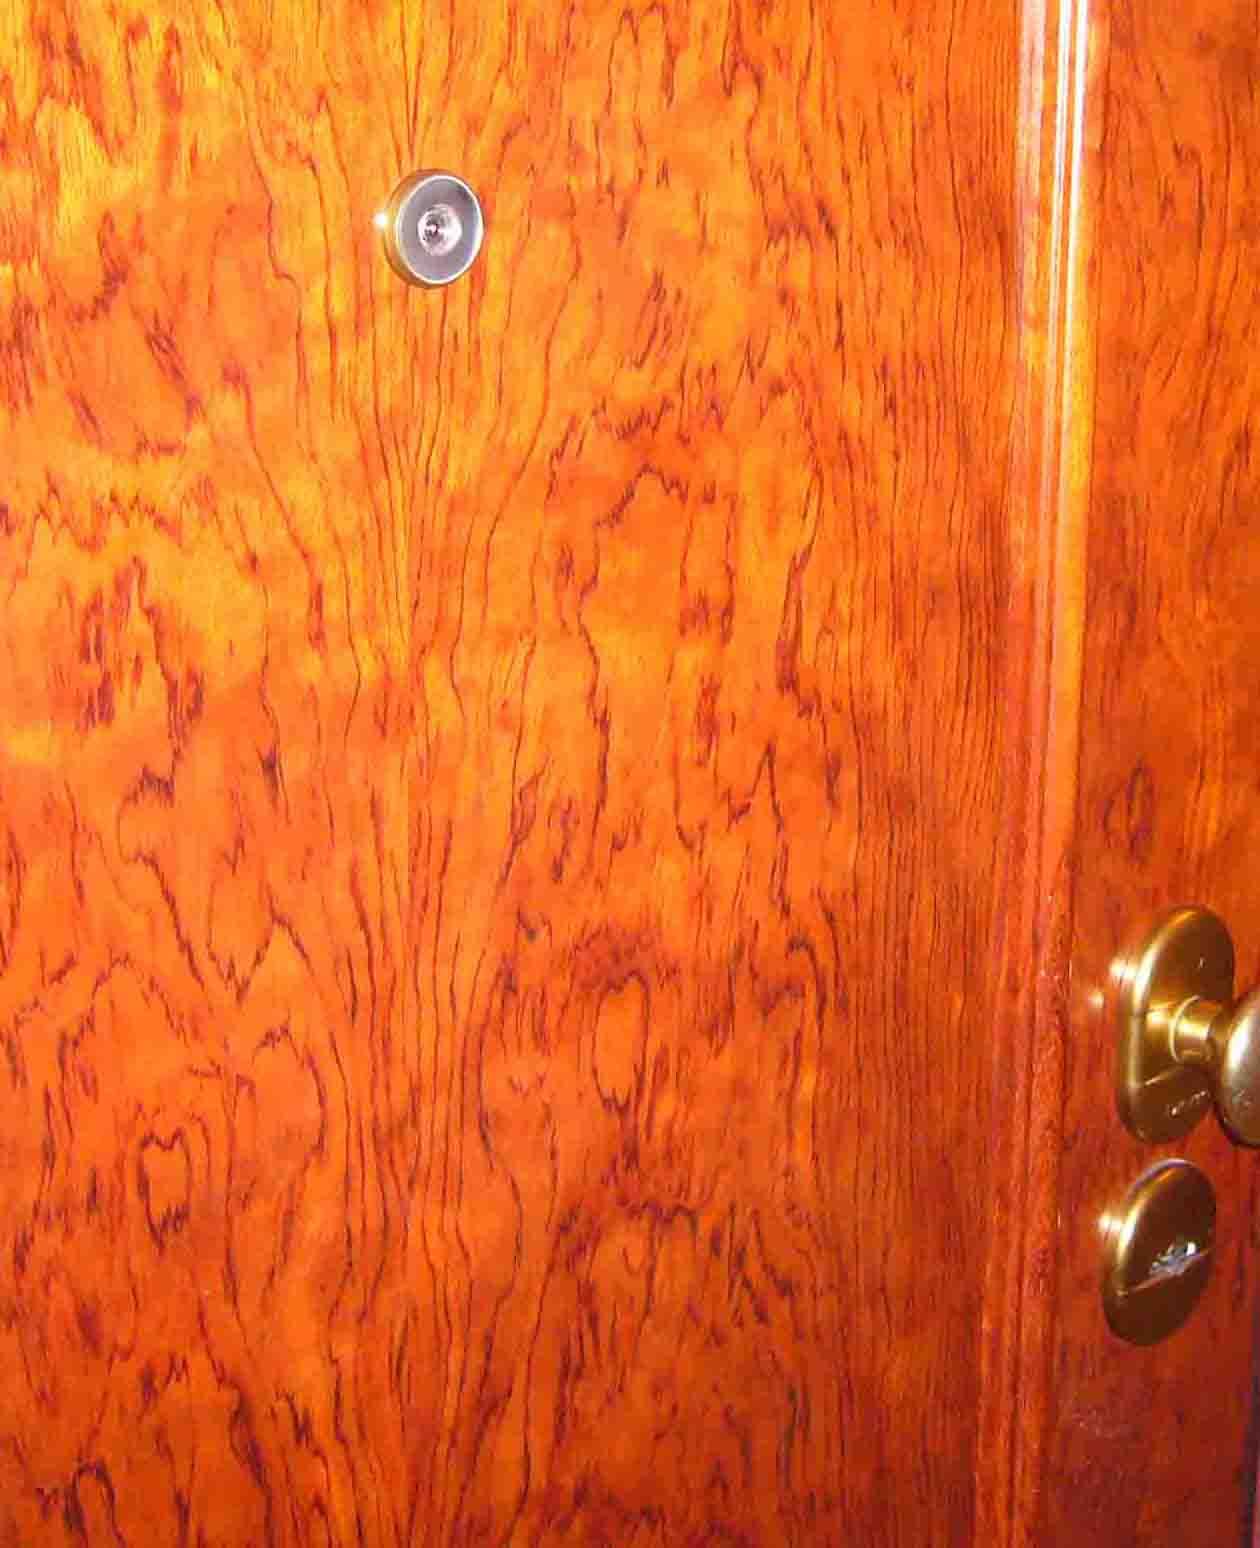 puerta reventada por culpa del marco de madera